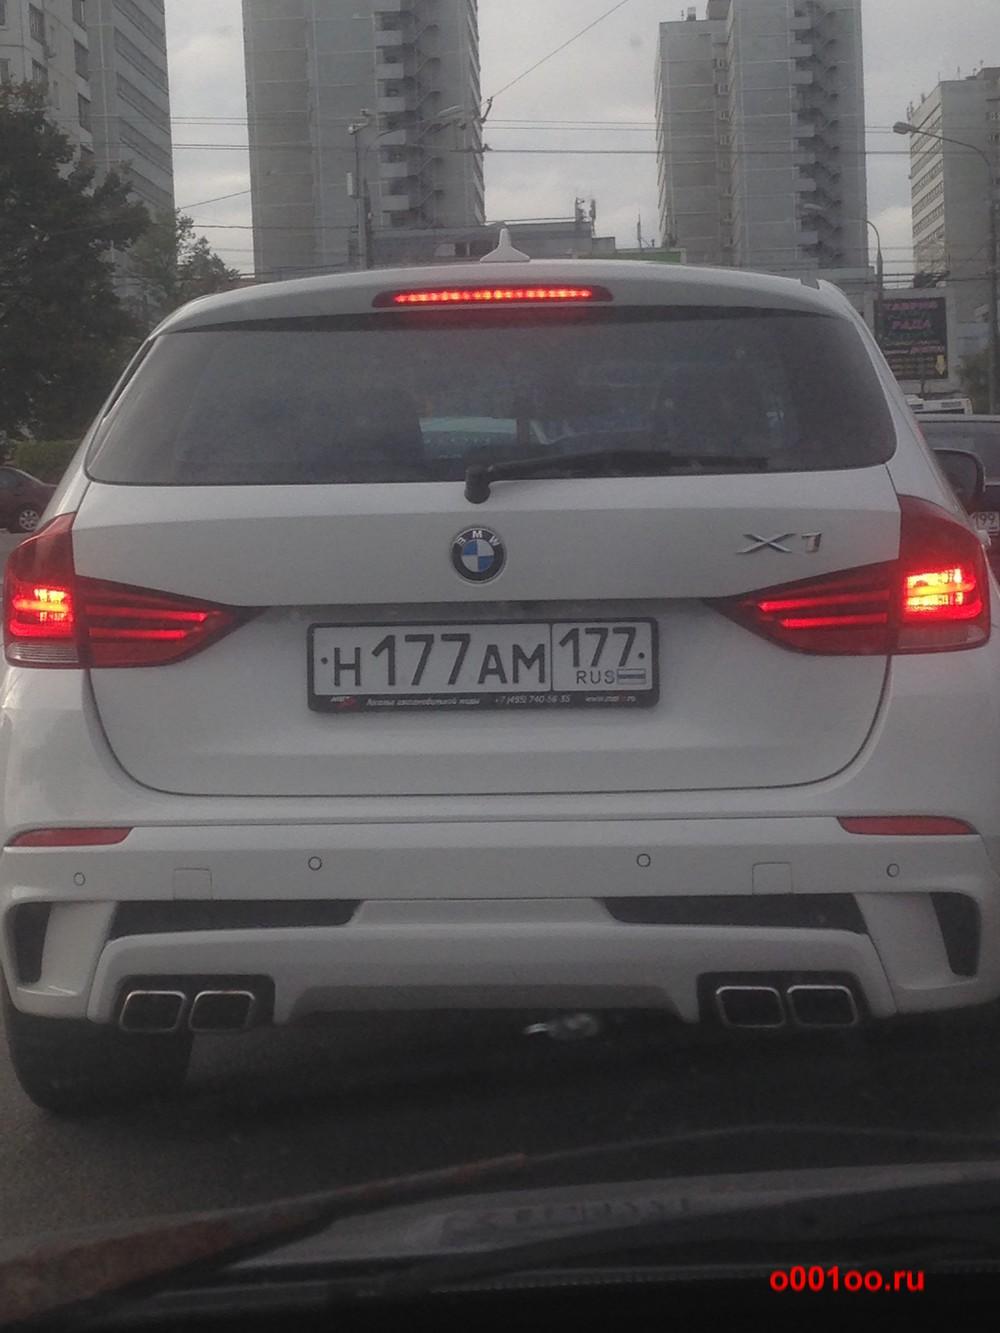 н177ам177